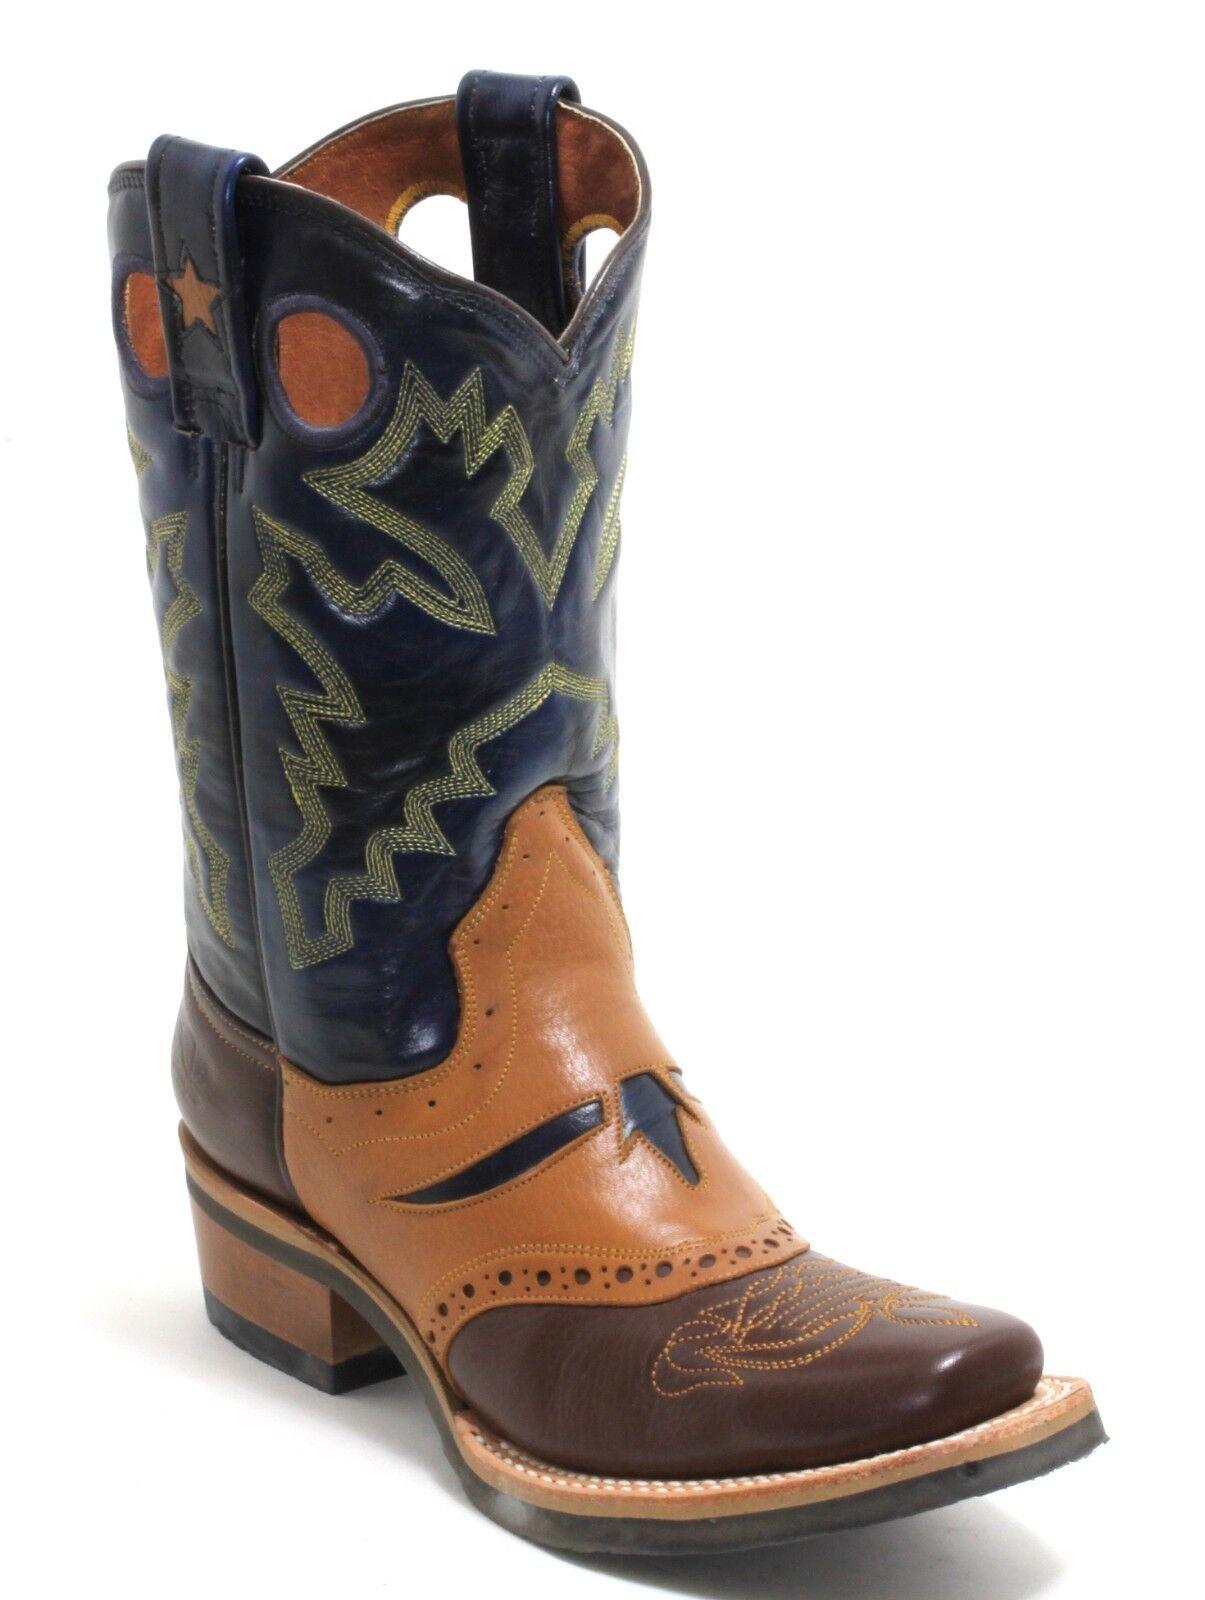 228 Cowboystiefel Westernstiefel Westernreitstiefel Catalan Rodeo Rancho 37